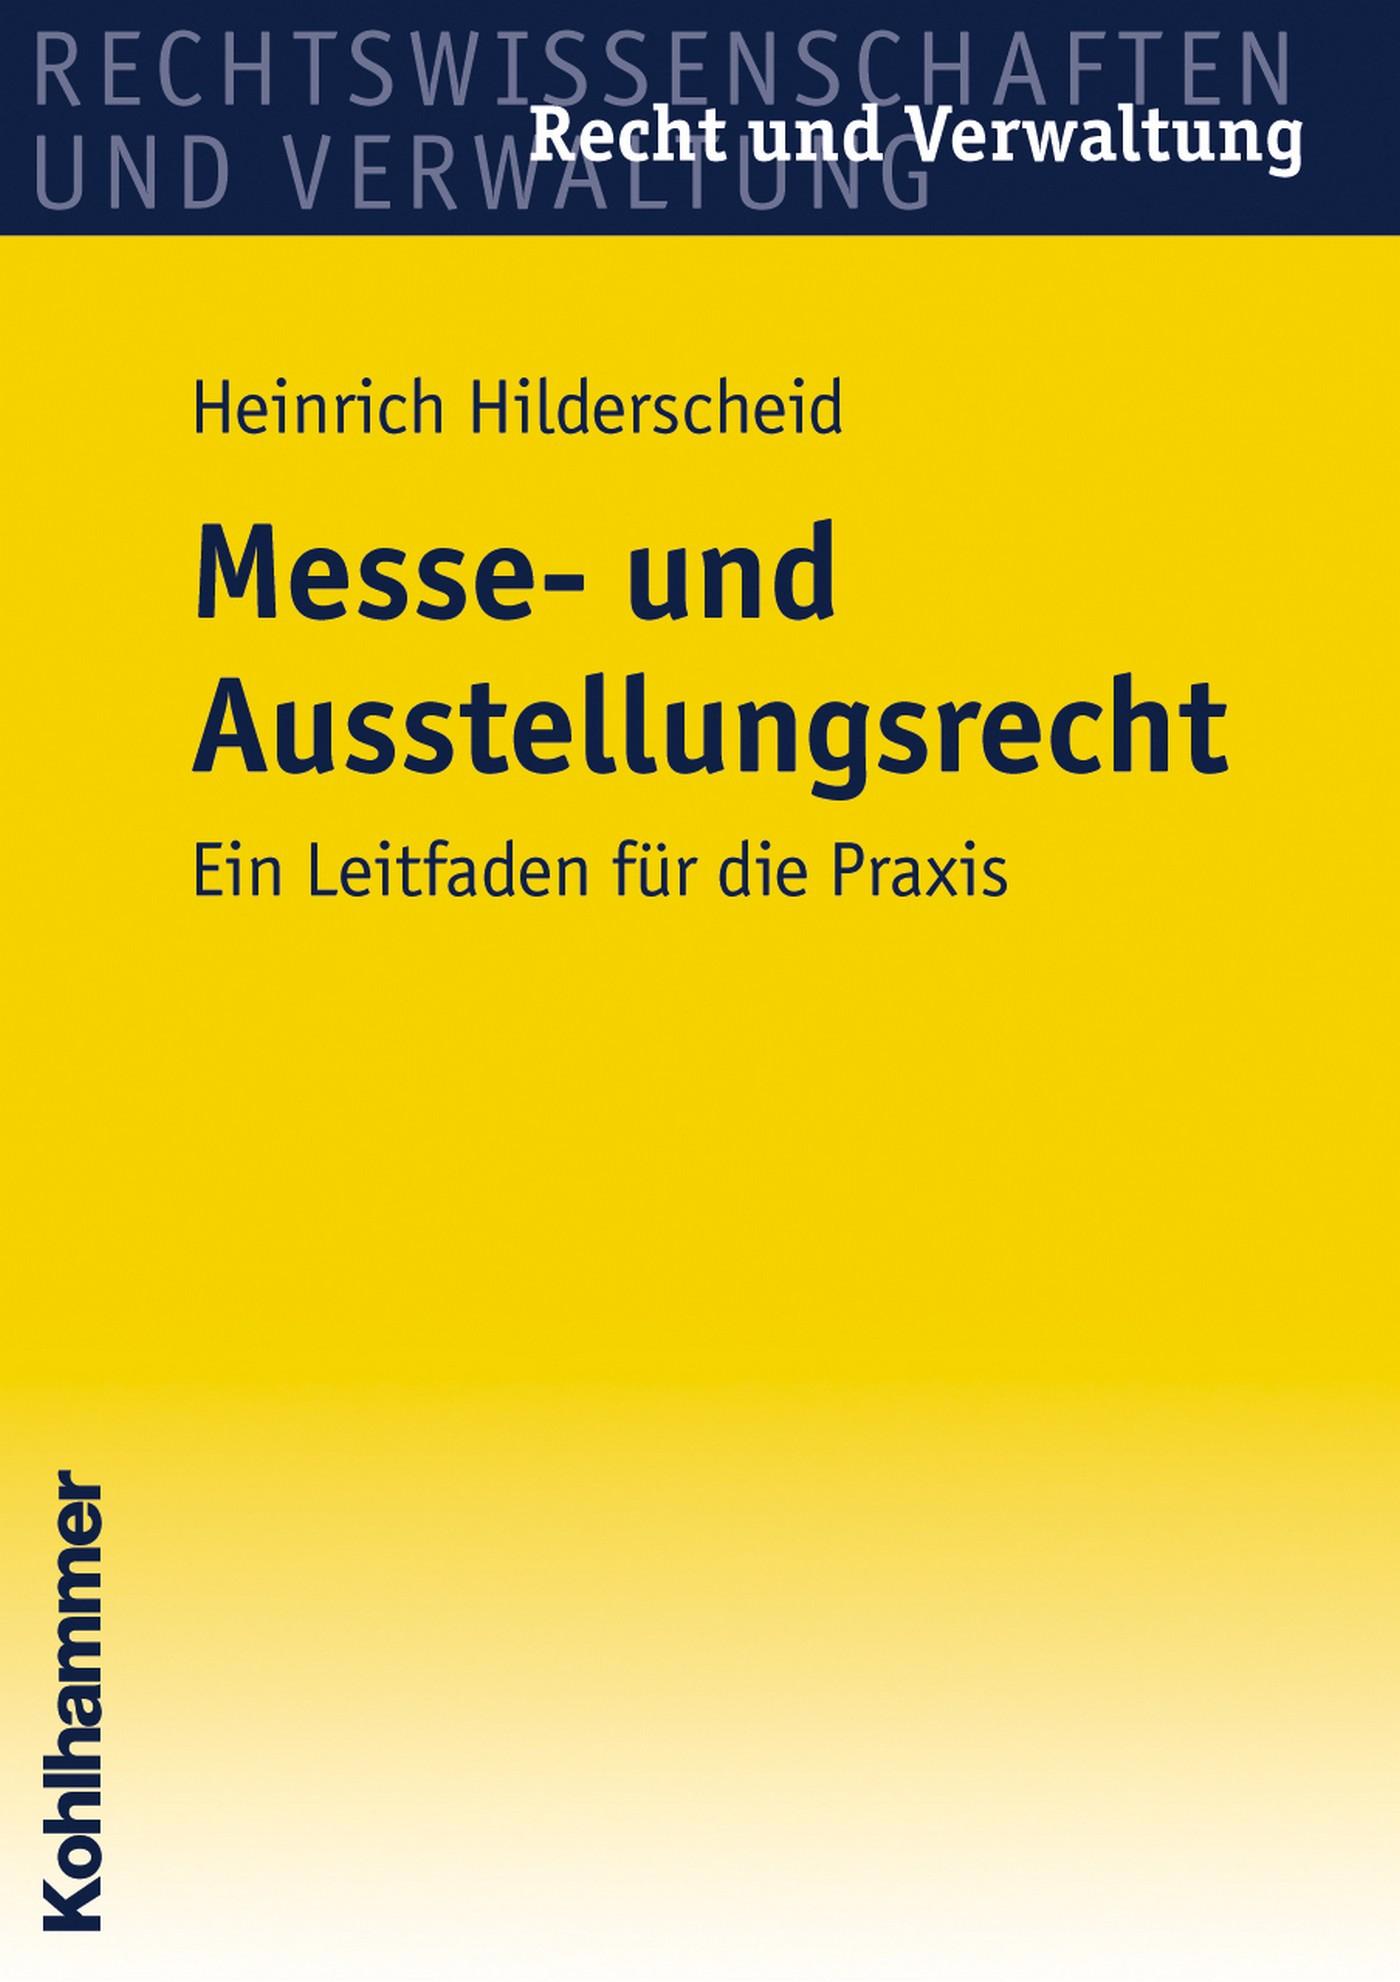 Heinrich Hilderscheid Messe- und Ausstellungsrecht